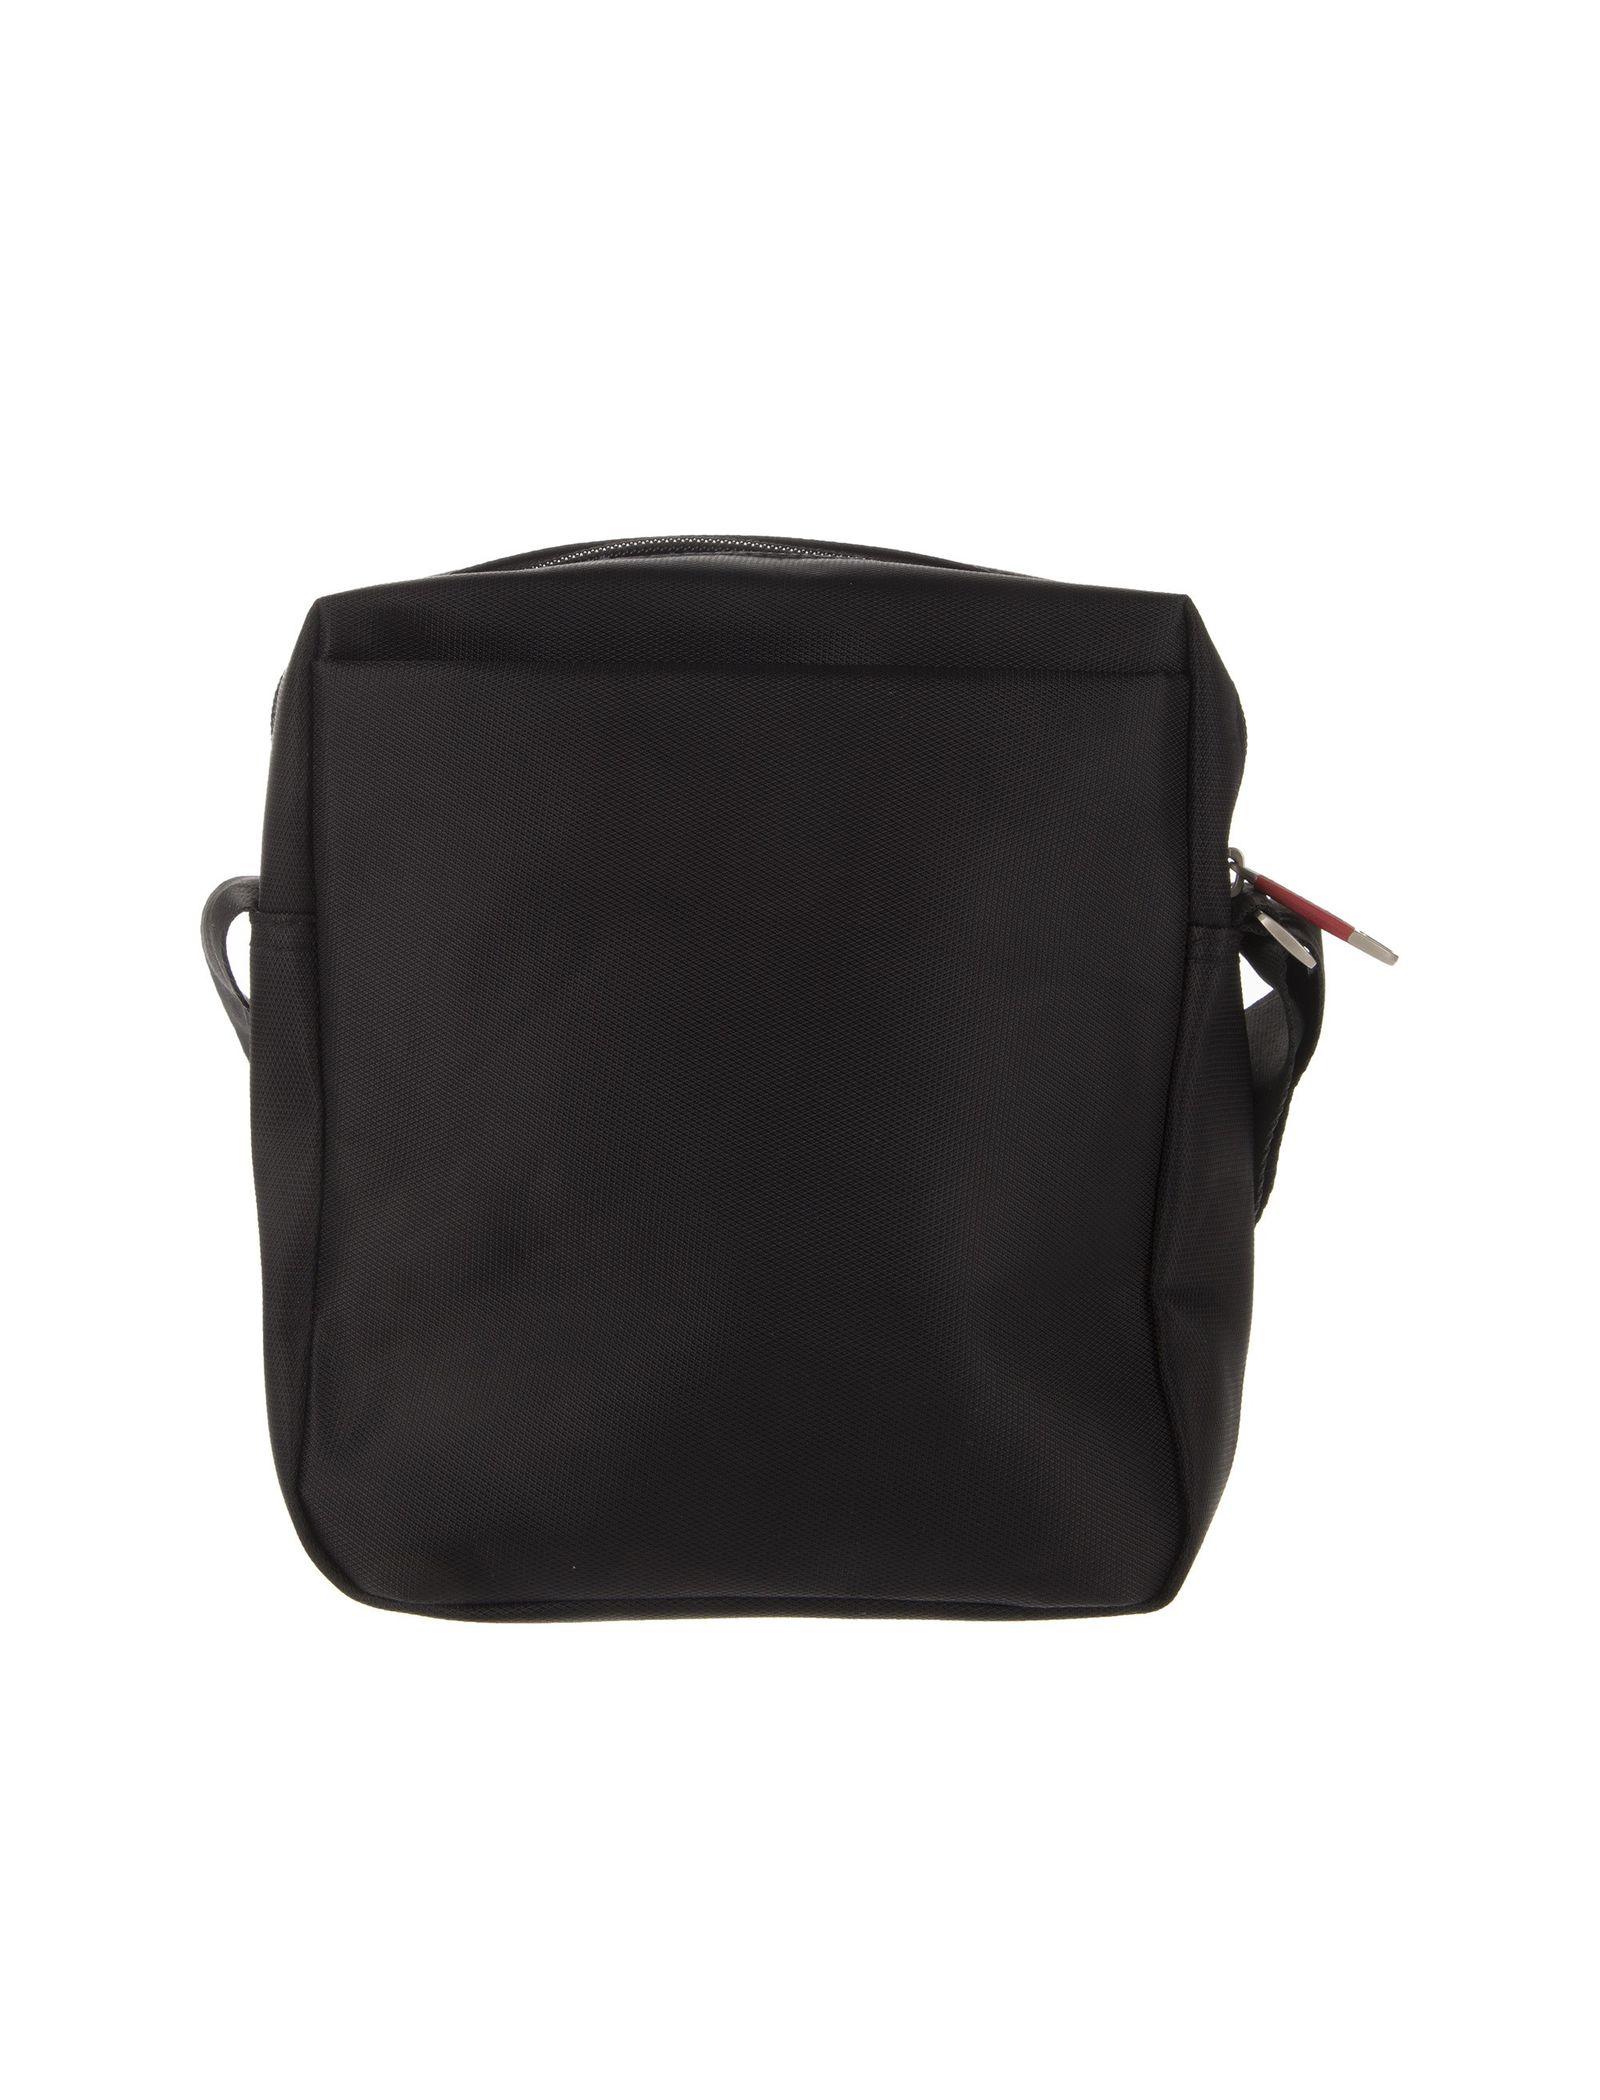 کیف دوشی روزمره بزرگسال - دادلین تک سایز - مشکي - 6